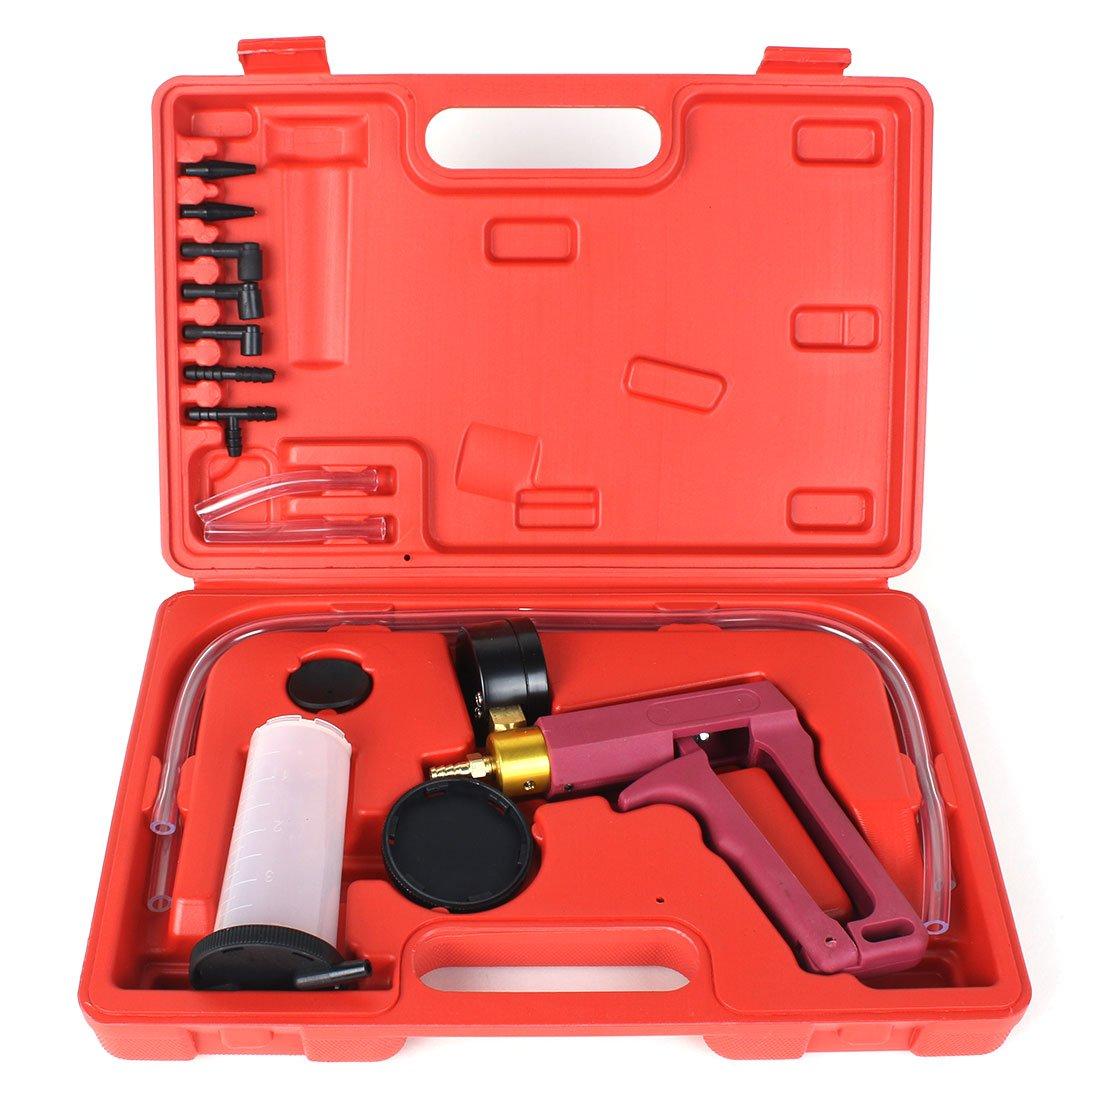 13PC Hand Held Vacuum Pressure Pump Tester Kit Brake Fluid Bleeder Car Motorbike Bleeding Set by Copap (Image #1)